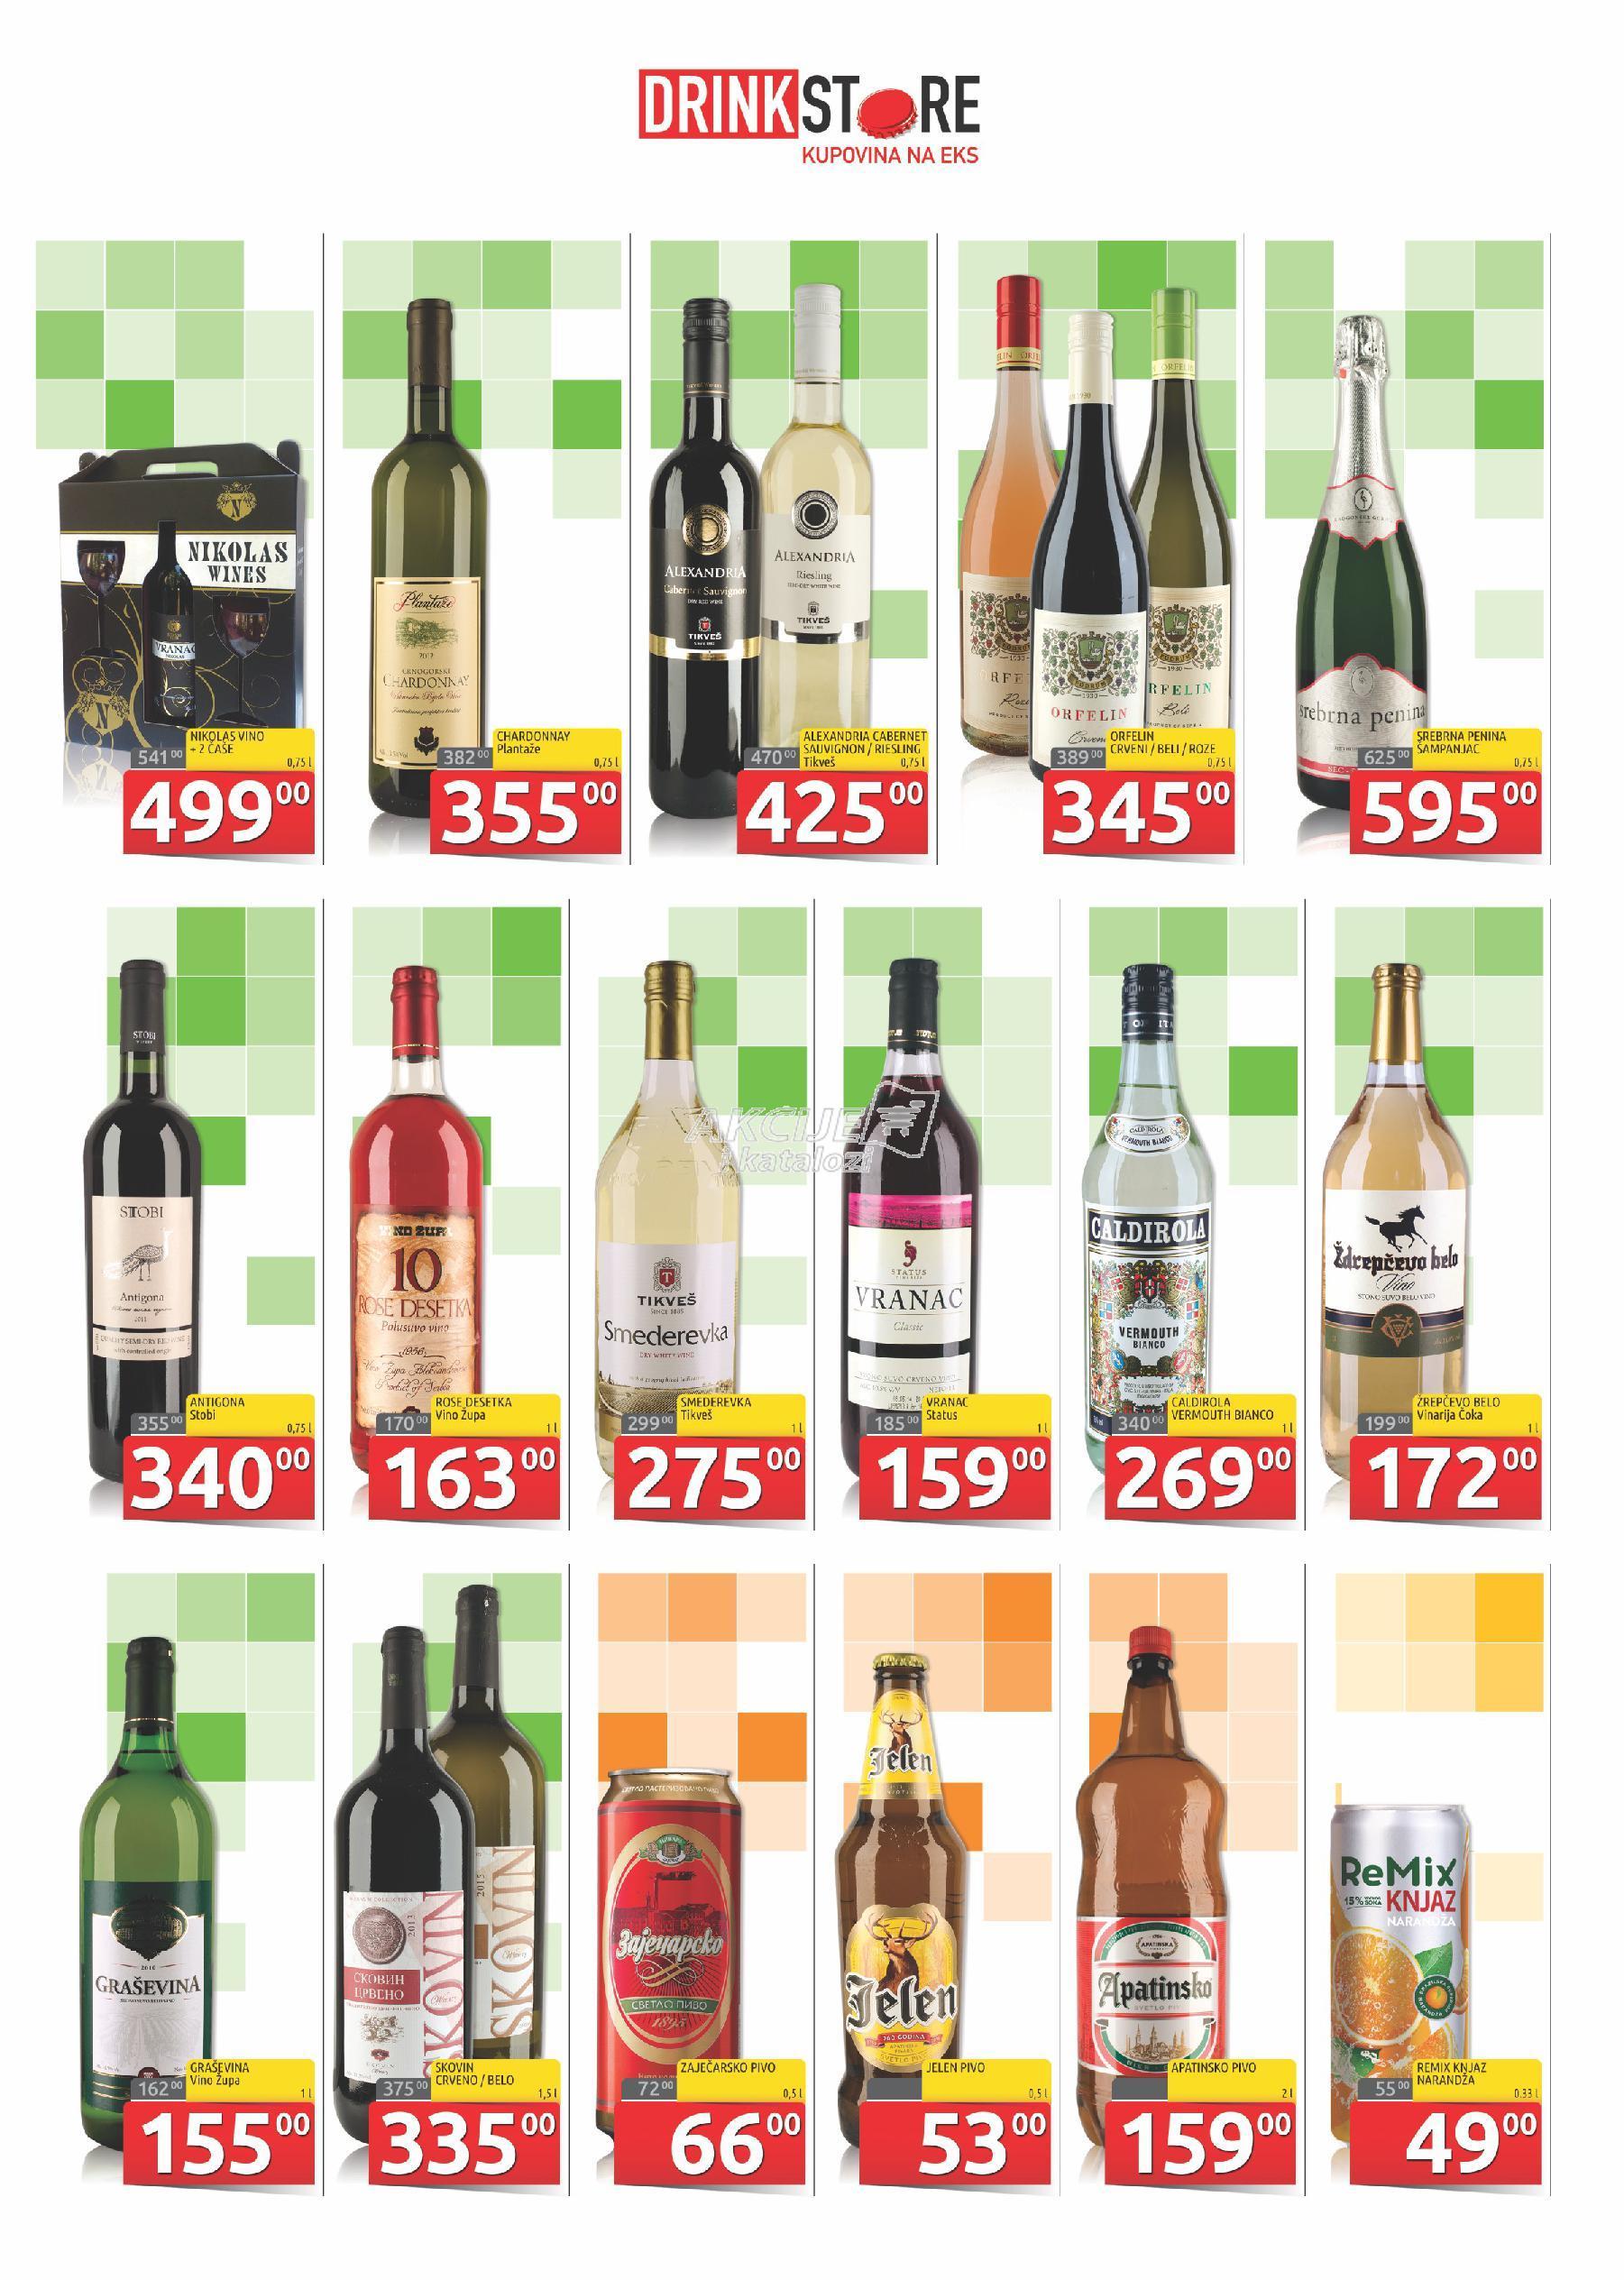 Drink Store akcija odlične kupovine